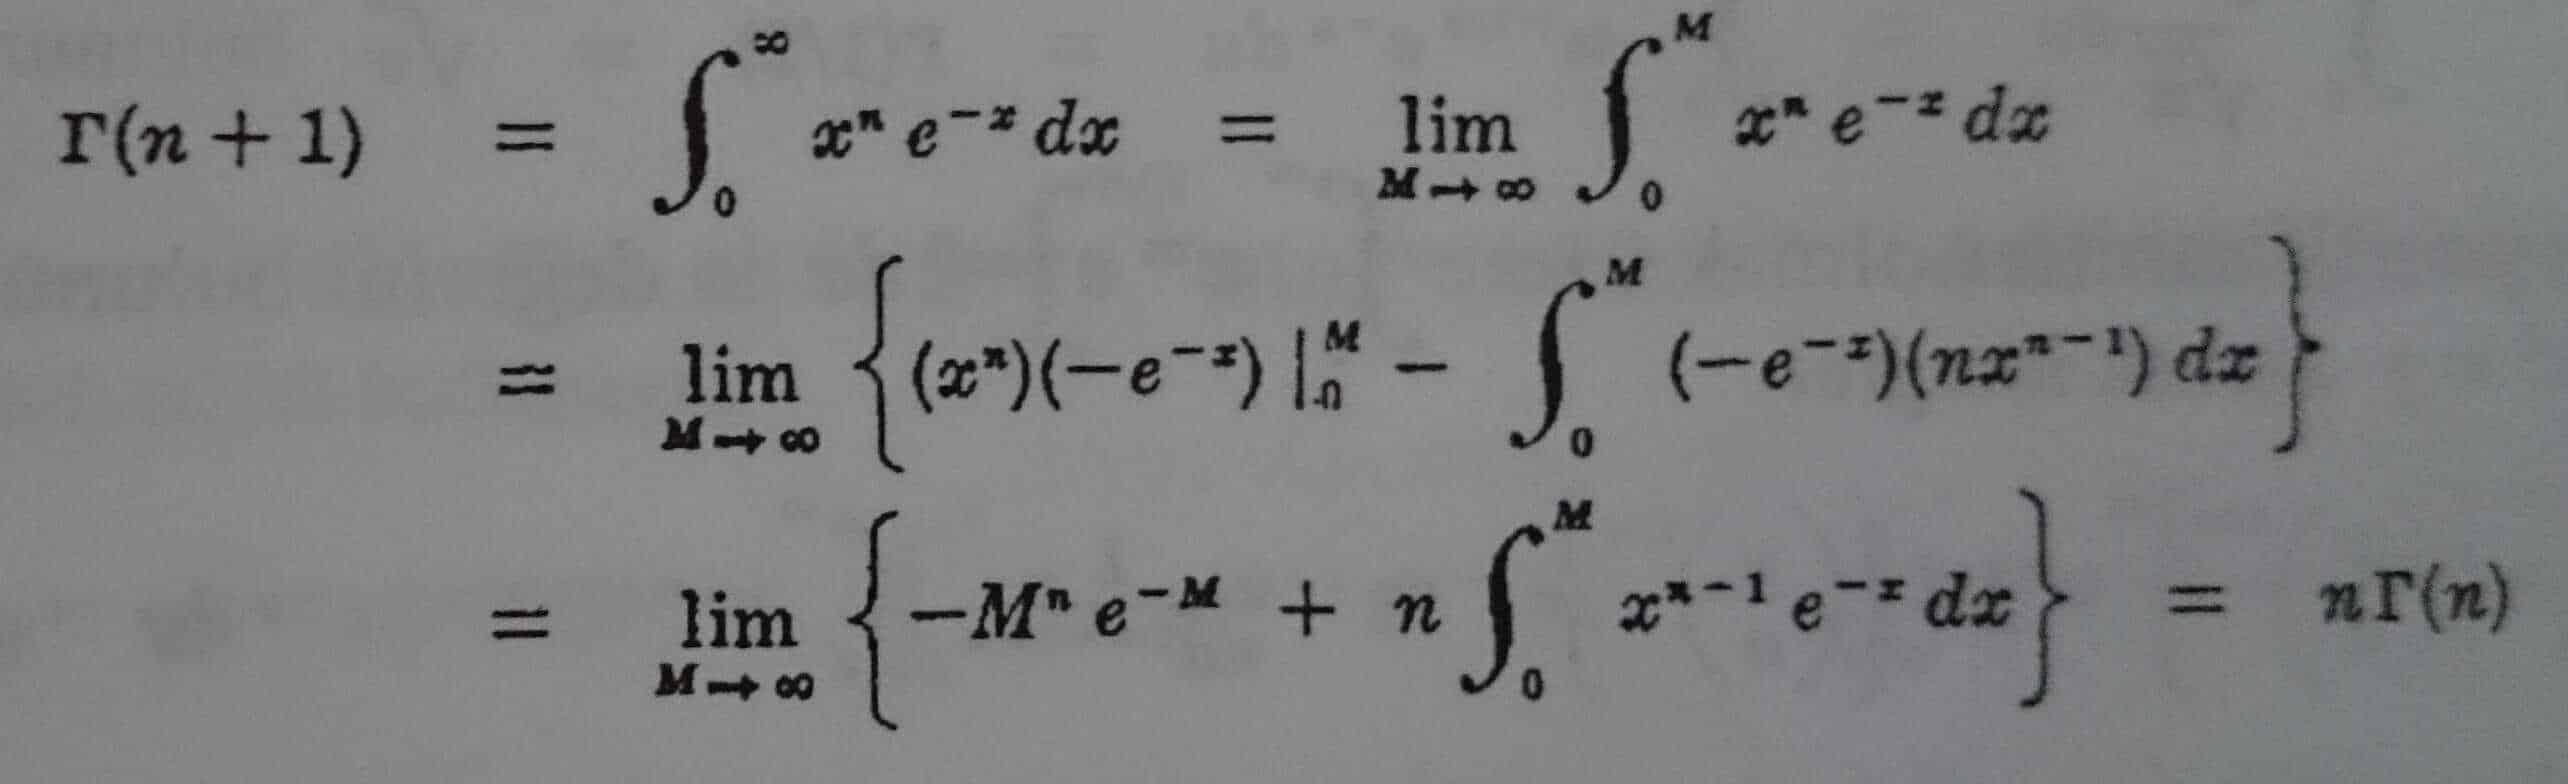 gama fonksionu ile ilgili örnek